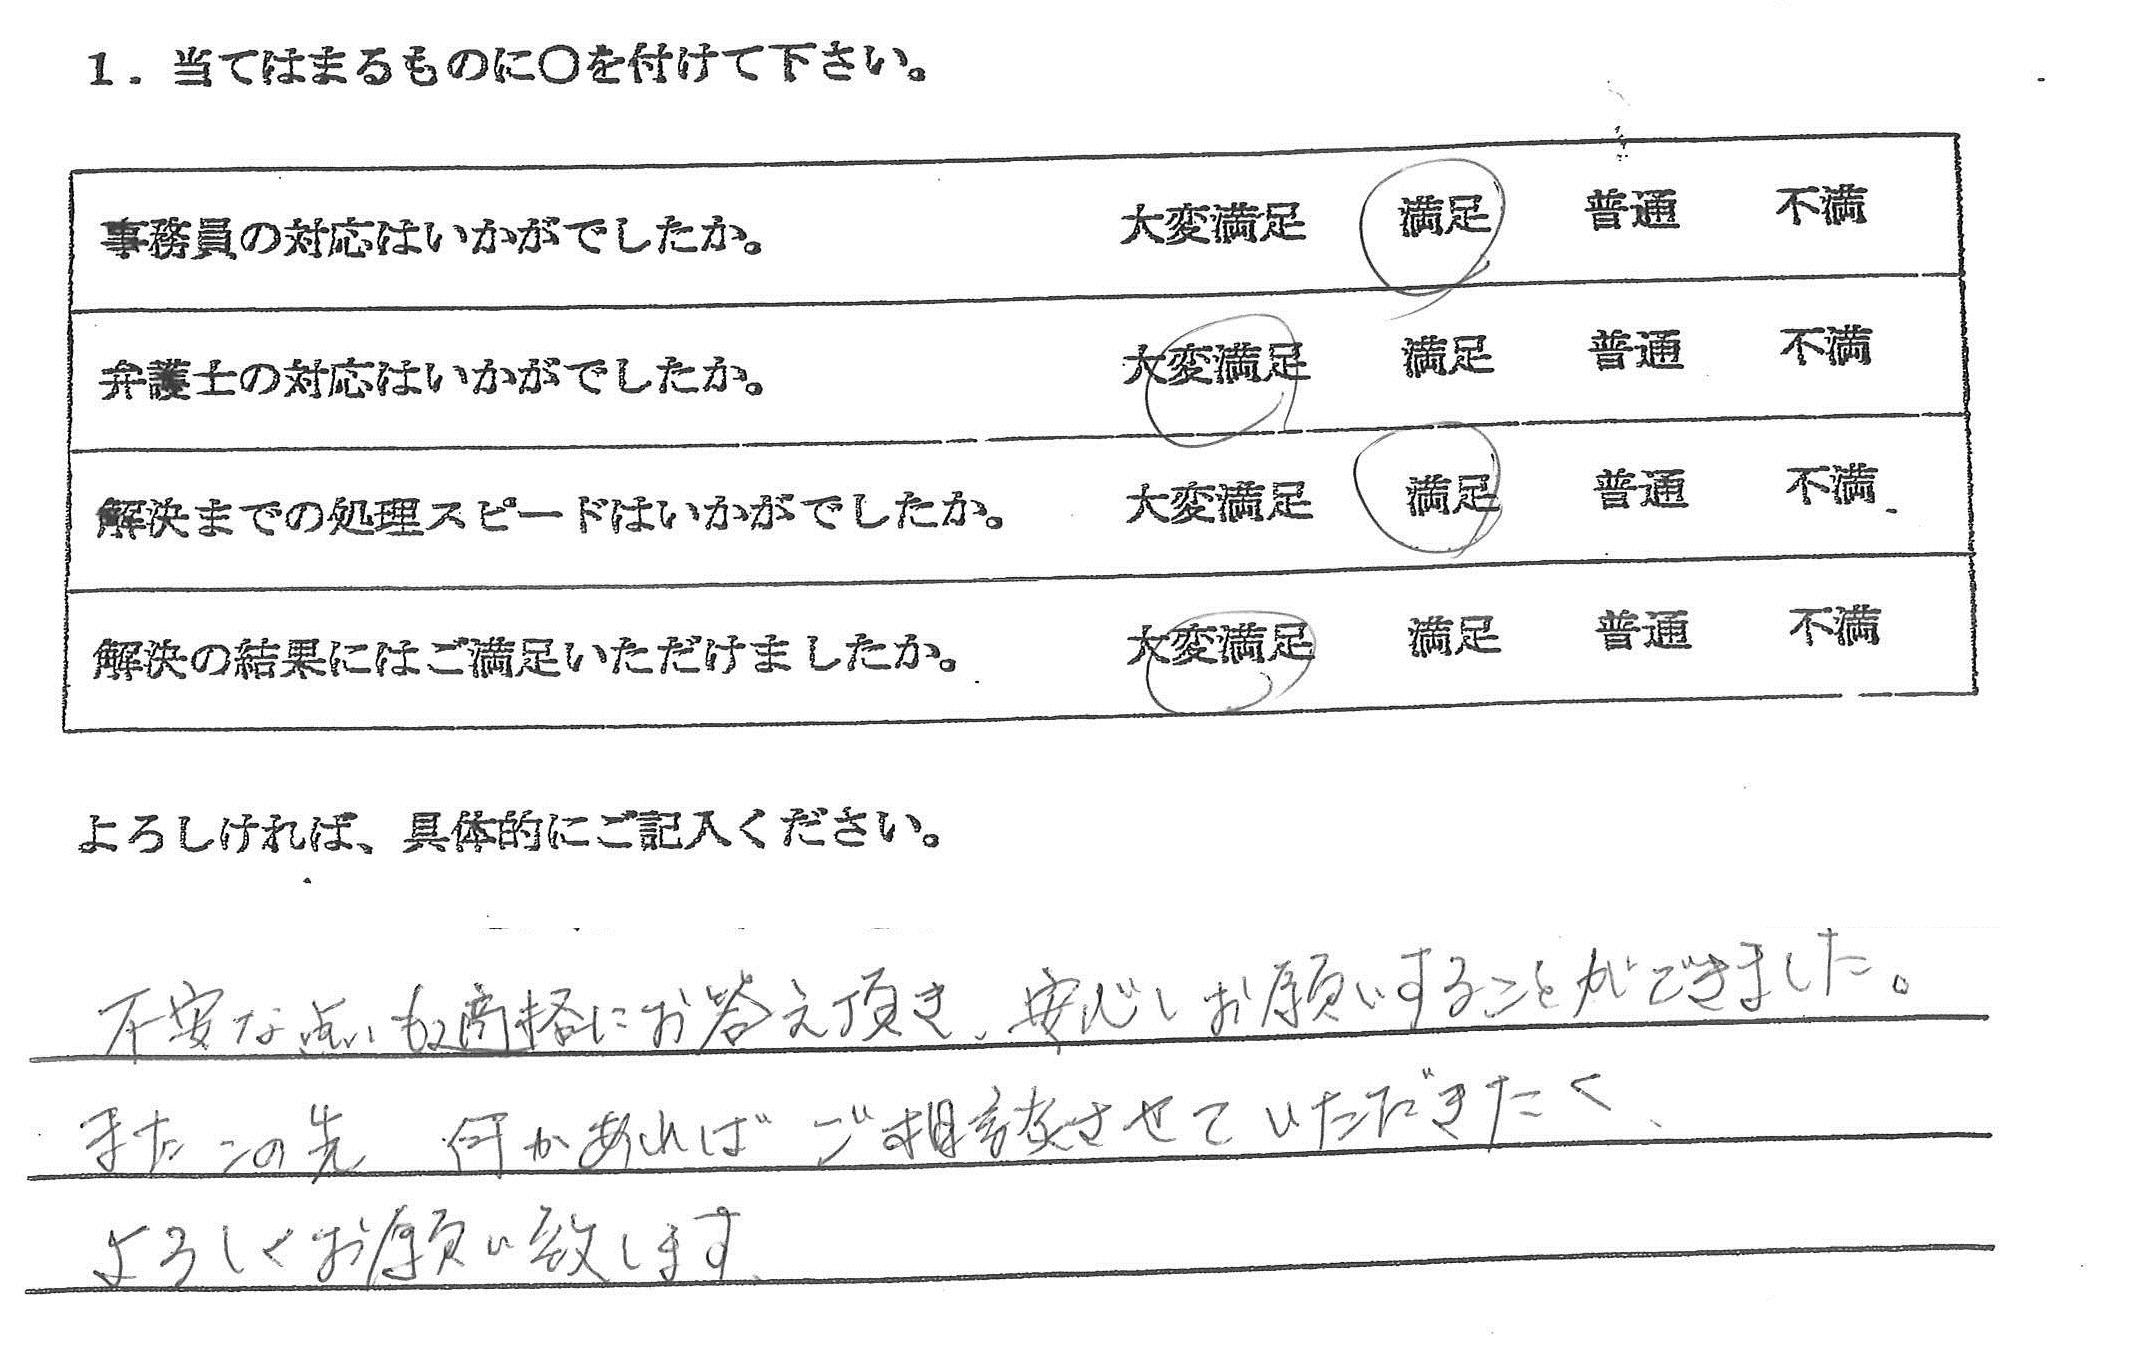 名古屋市40代男性(相続放棄)の依頼者様の声 : 不安な点も的確にお答え頂き、安心しお願いすることができました。 またこの先何かあればご相談させていただきたく、よろしくお願い致します。